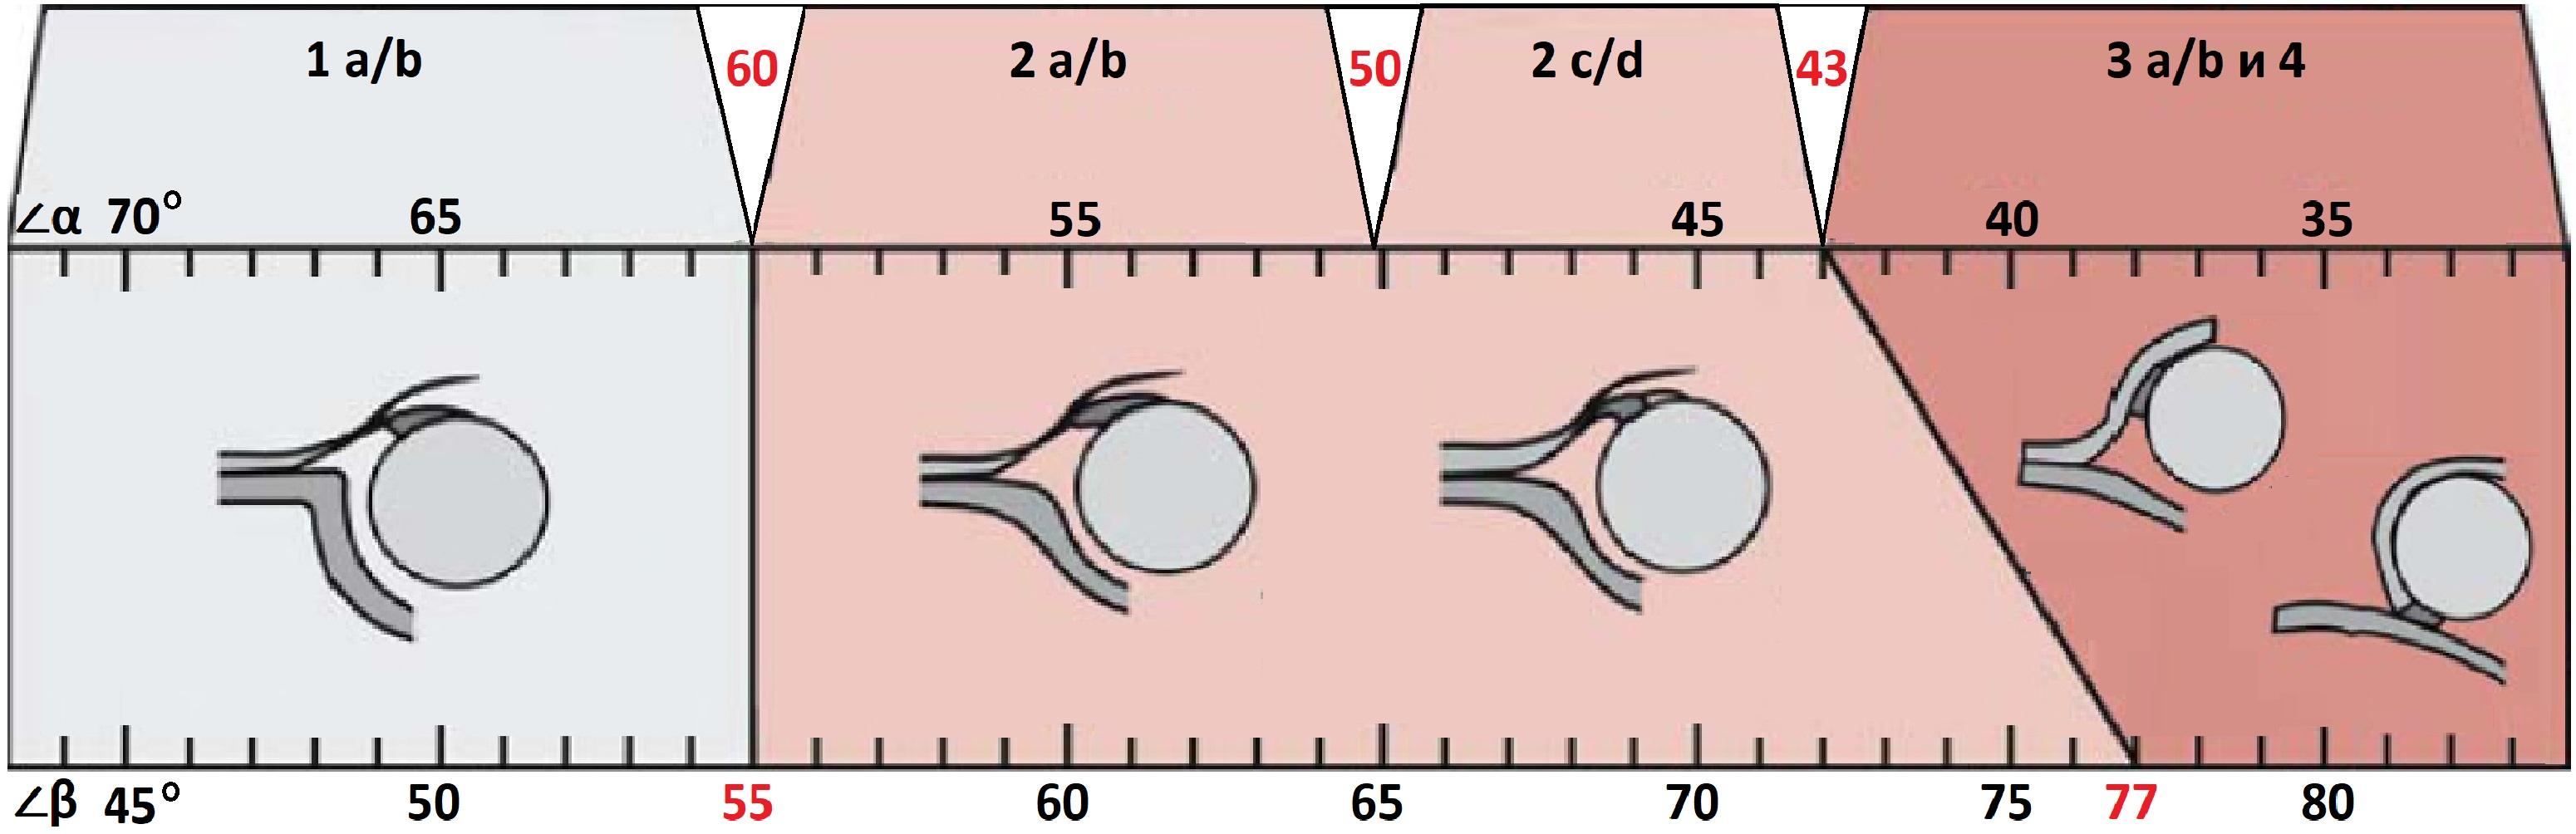 Изображение - Протоколы узи суставов у детей Sonogramma-3